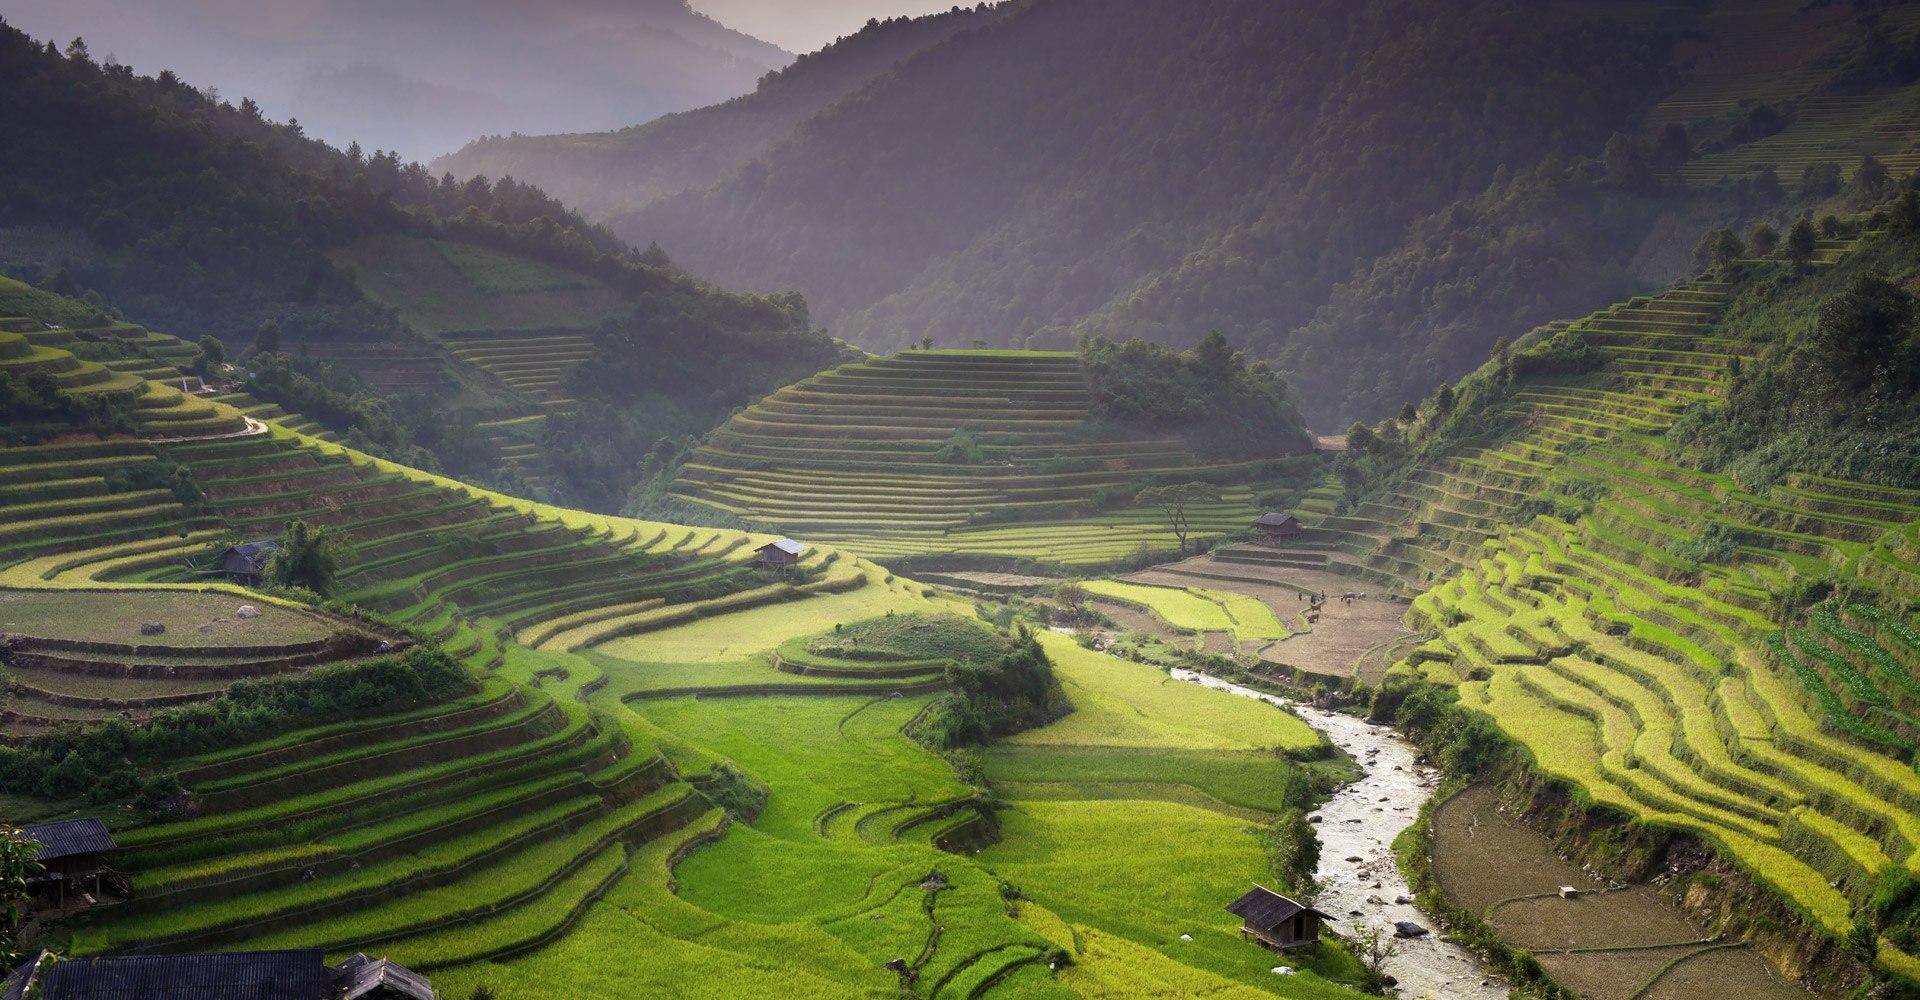 Rice Field in Vietnam Tour